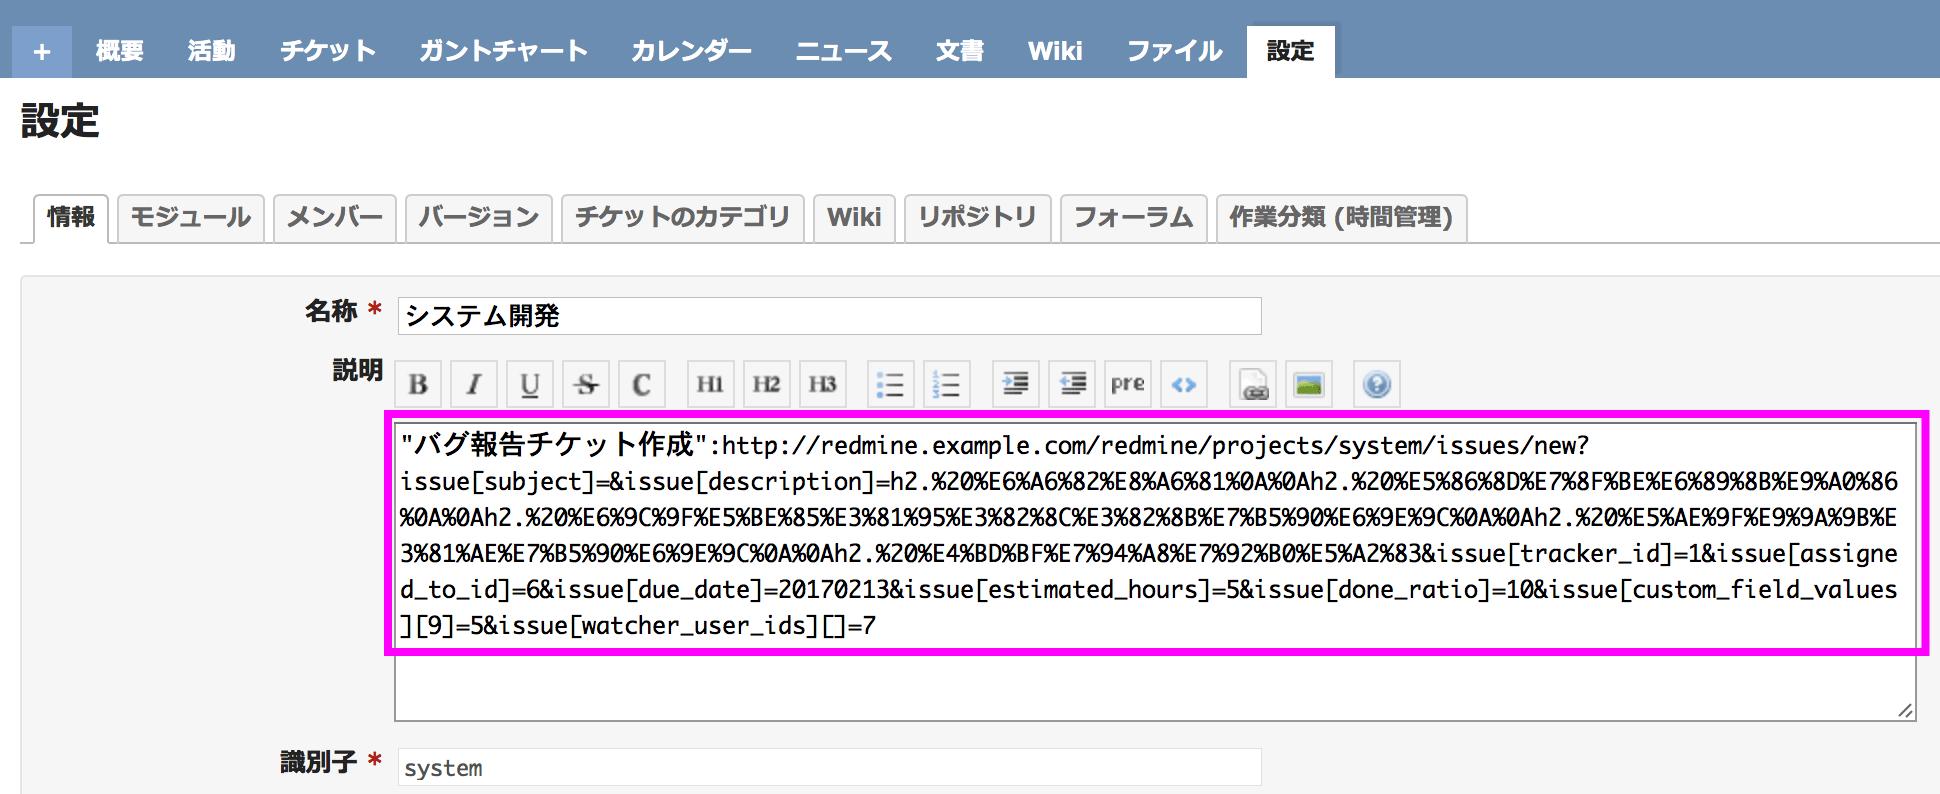 redmineワンポイントチェック 2 urlに入力値を埋め込んでチケット作成